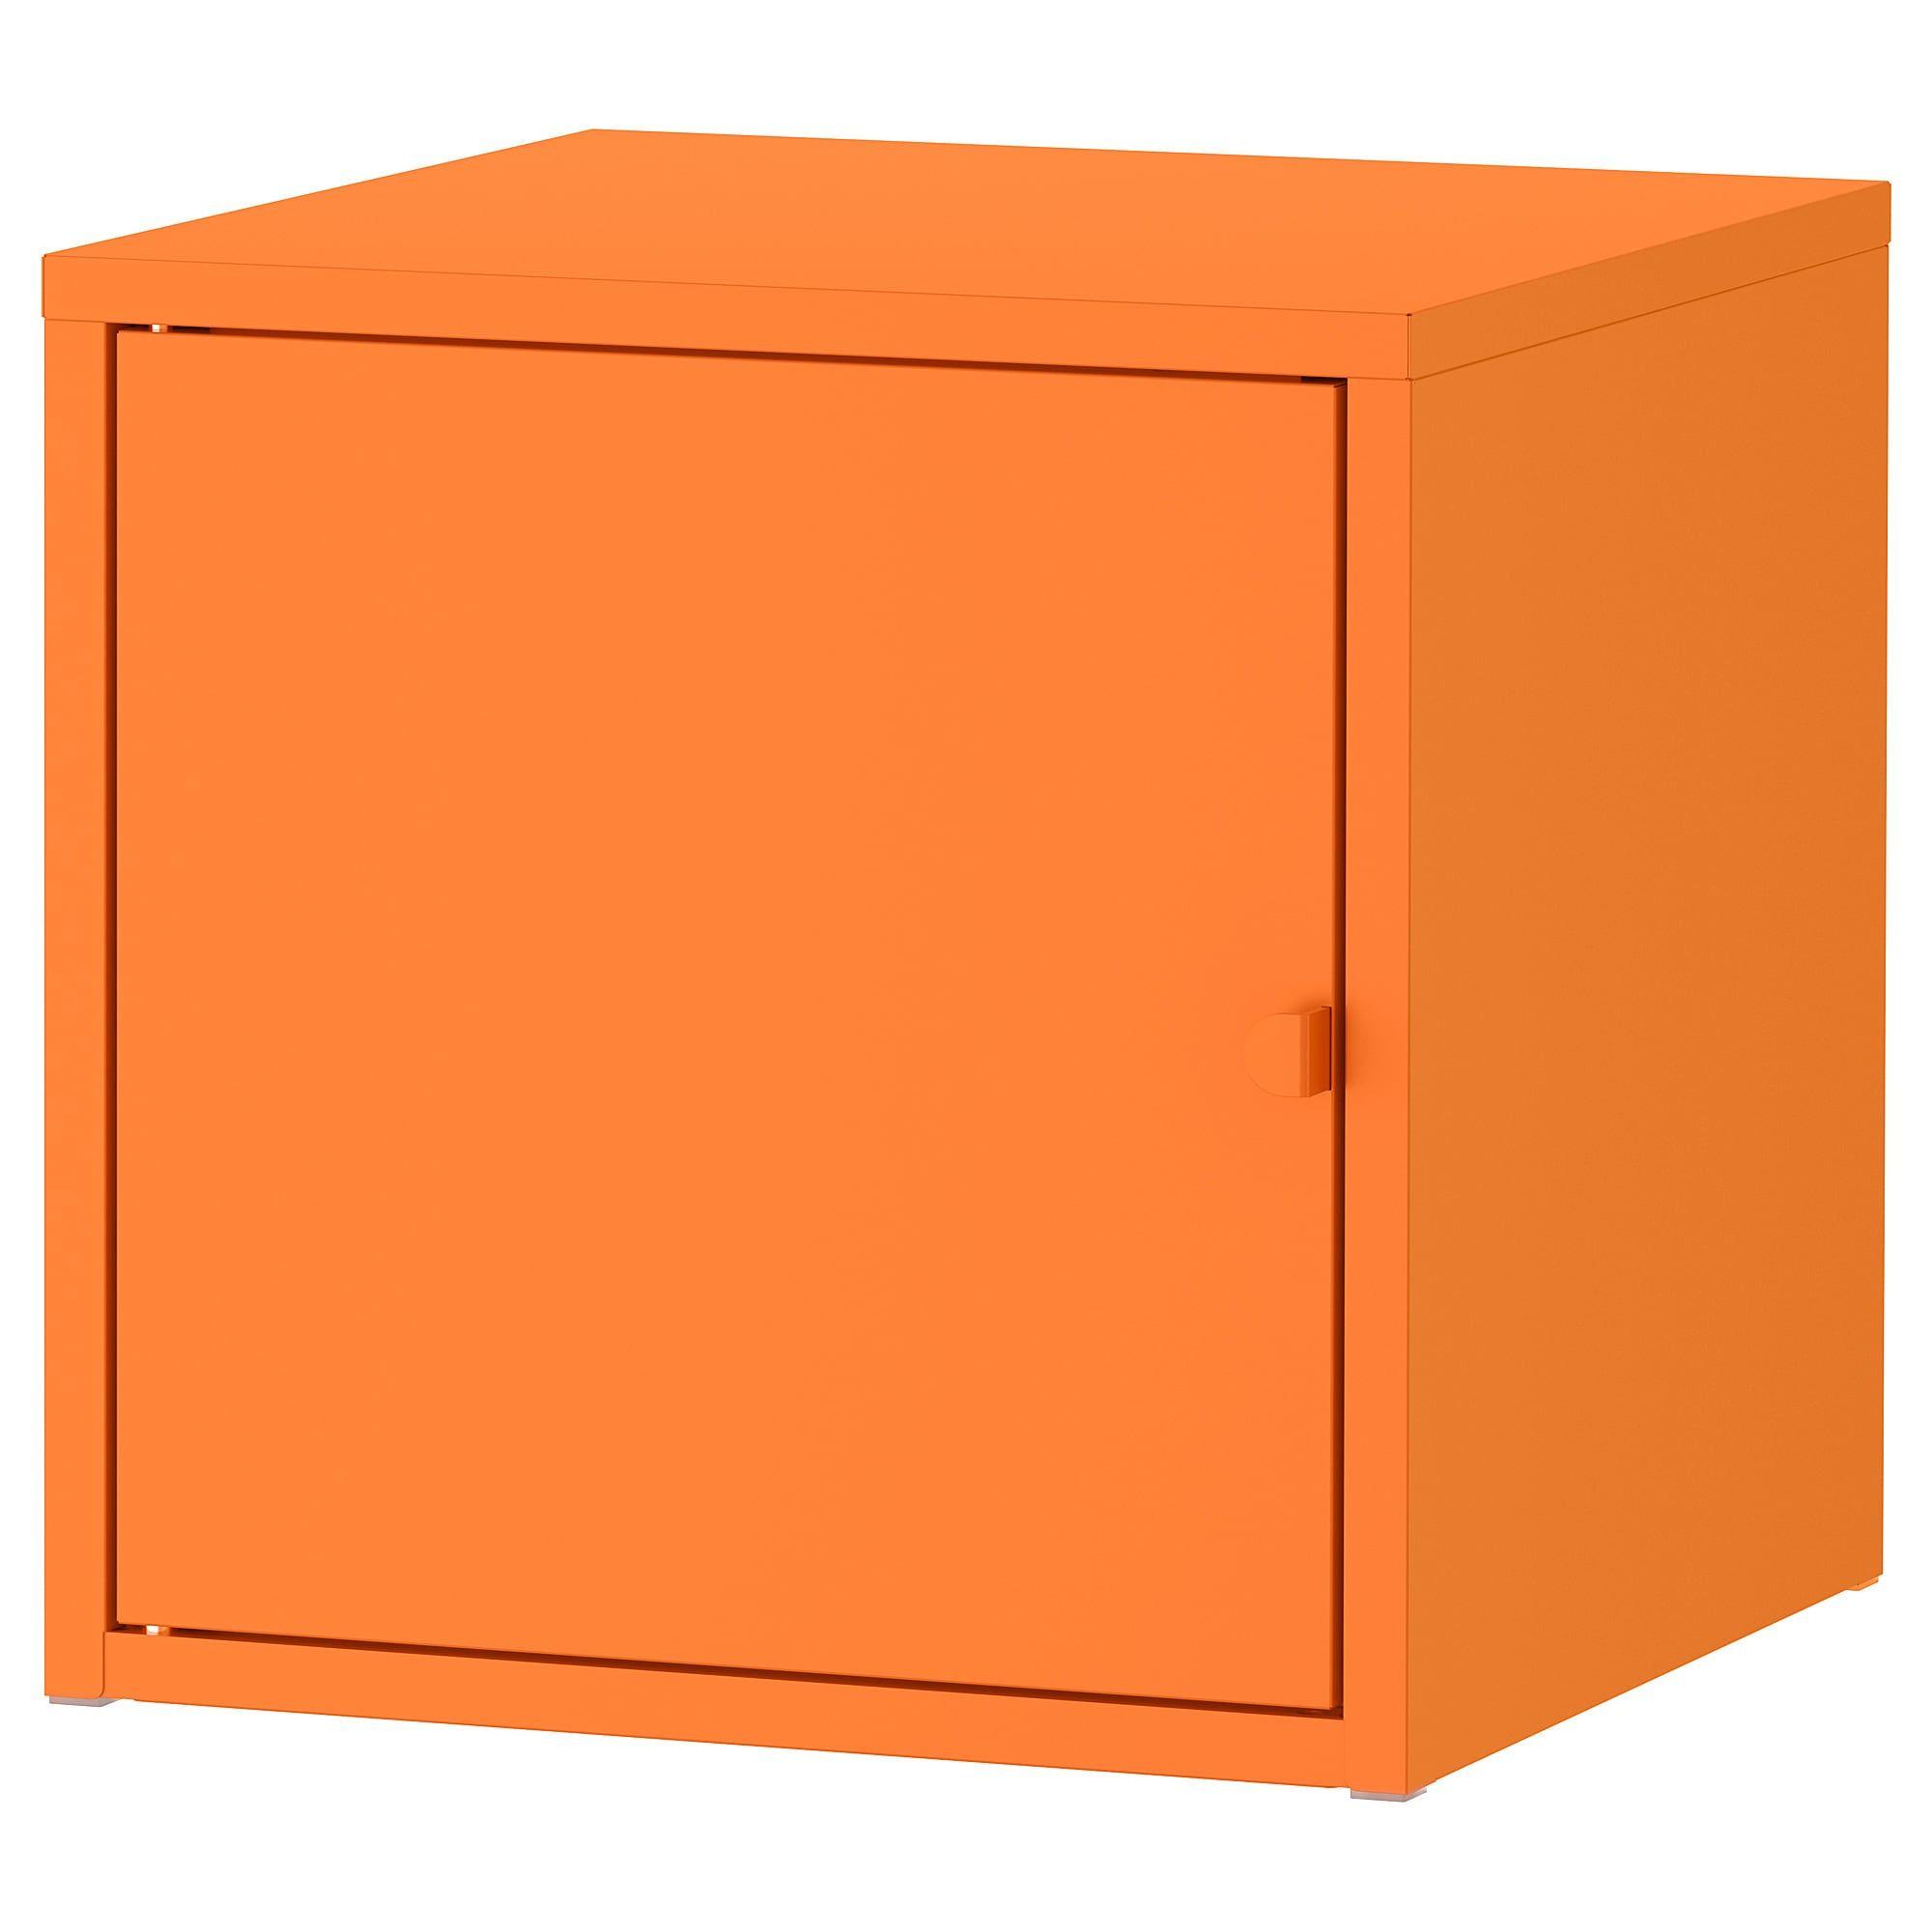 Ikea Lixhult Metal Orange Cabinet Ikea Ikea Storage Cabinets